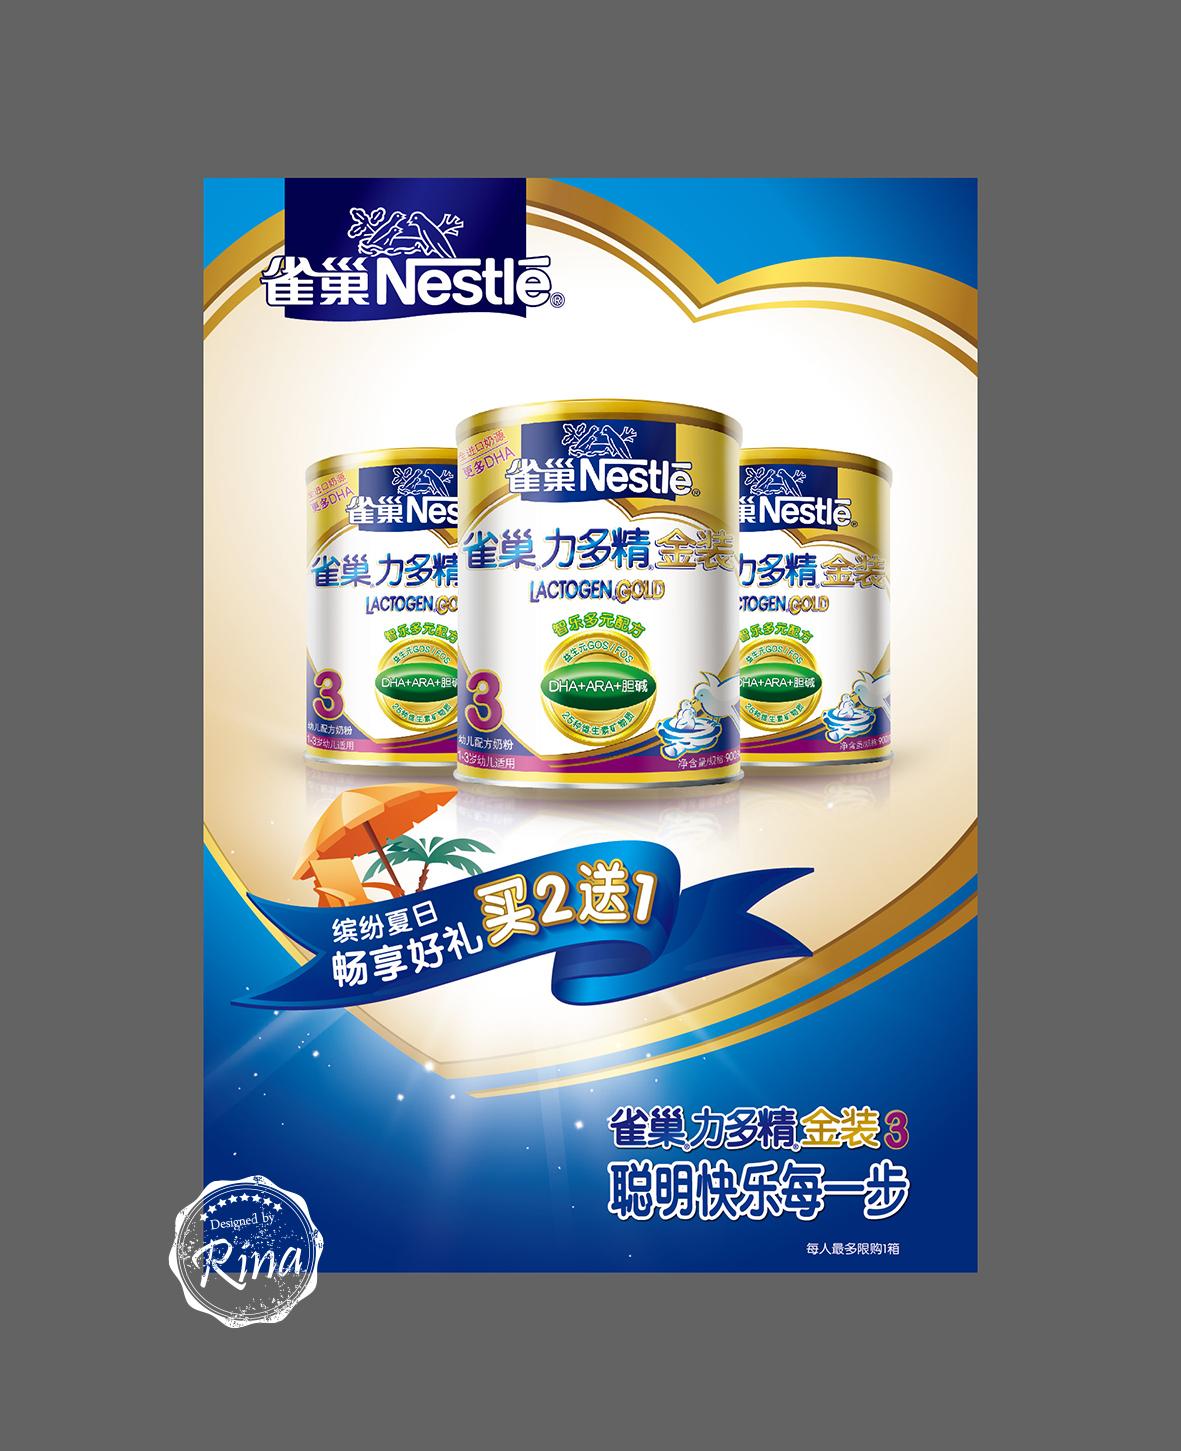 Nestle 促销海报图1